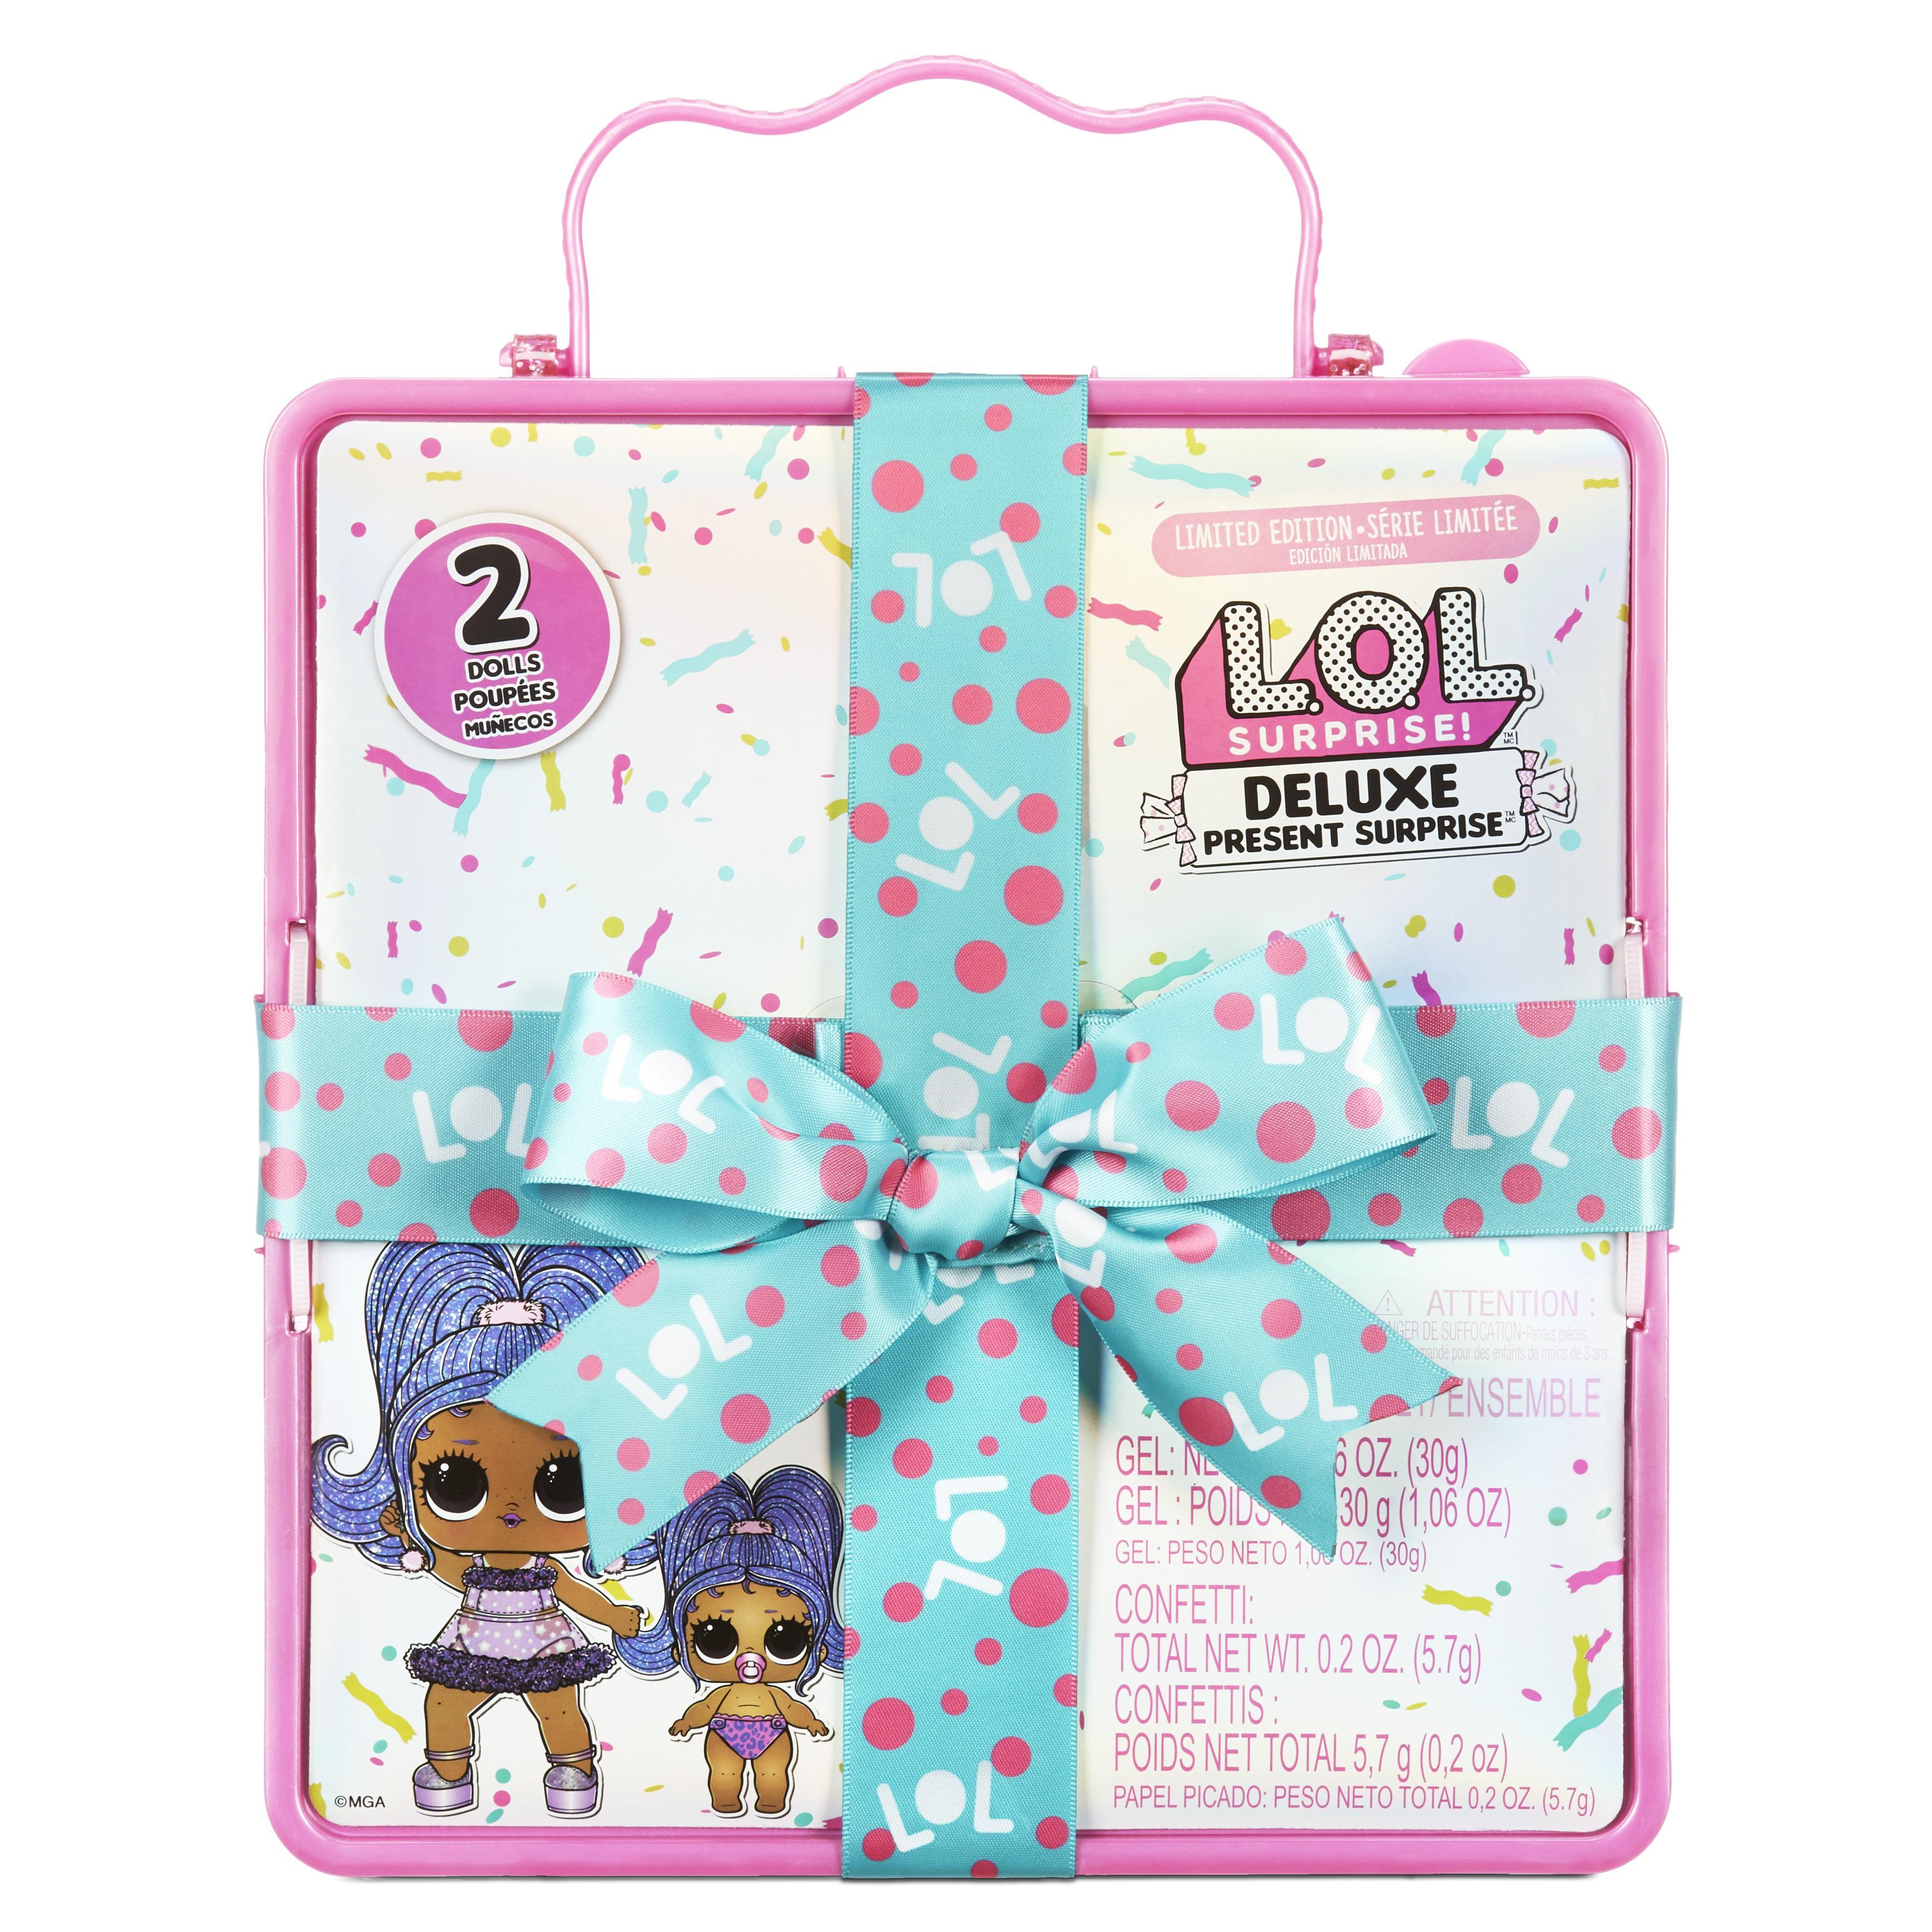 L.O.L. Surprise - Deluxe Present Surprise (576419)